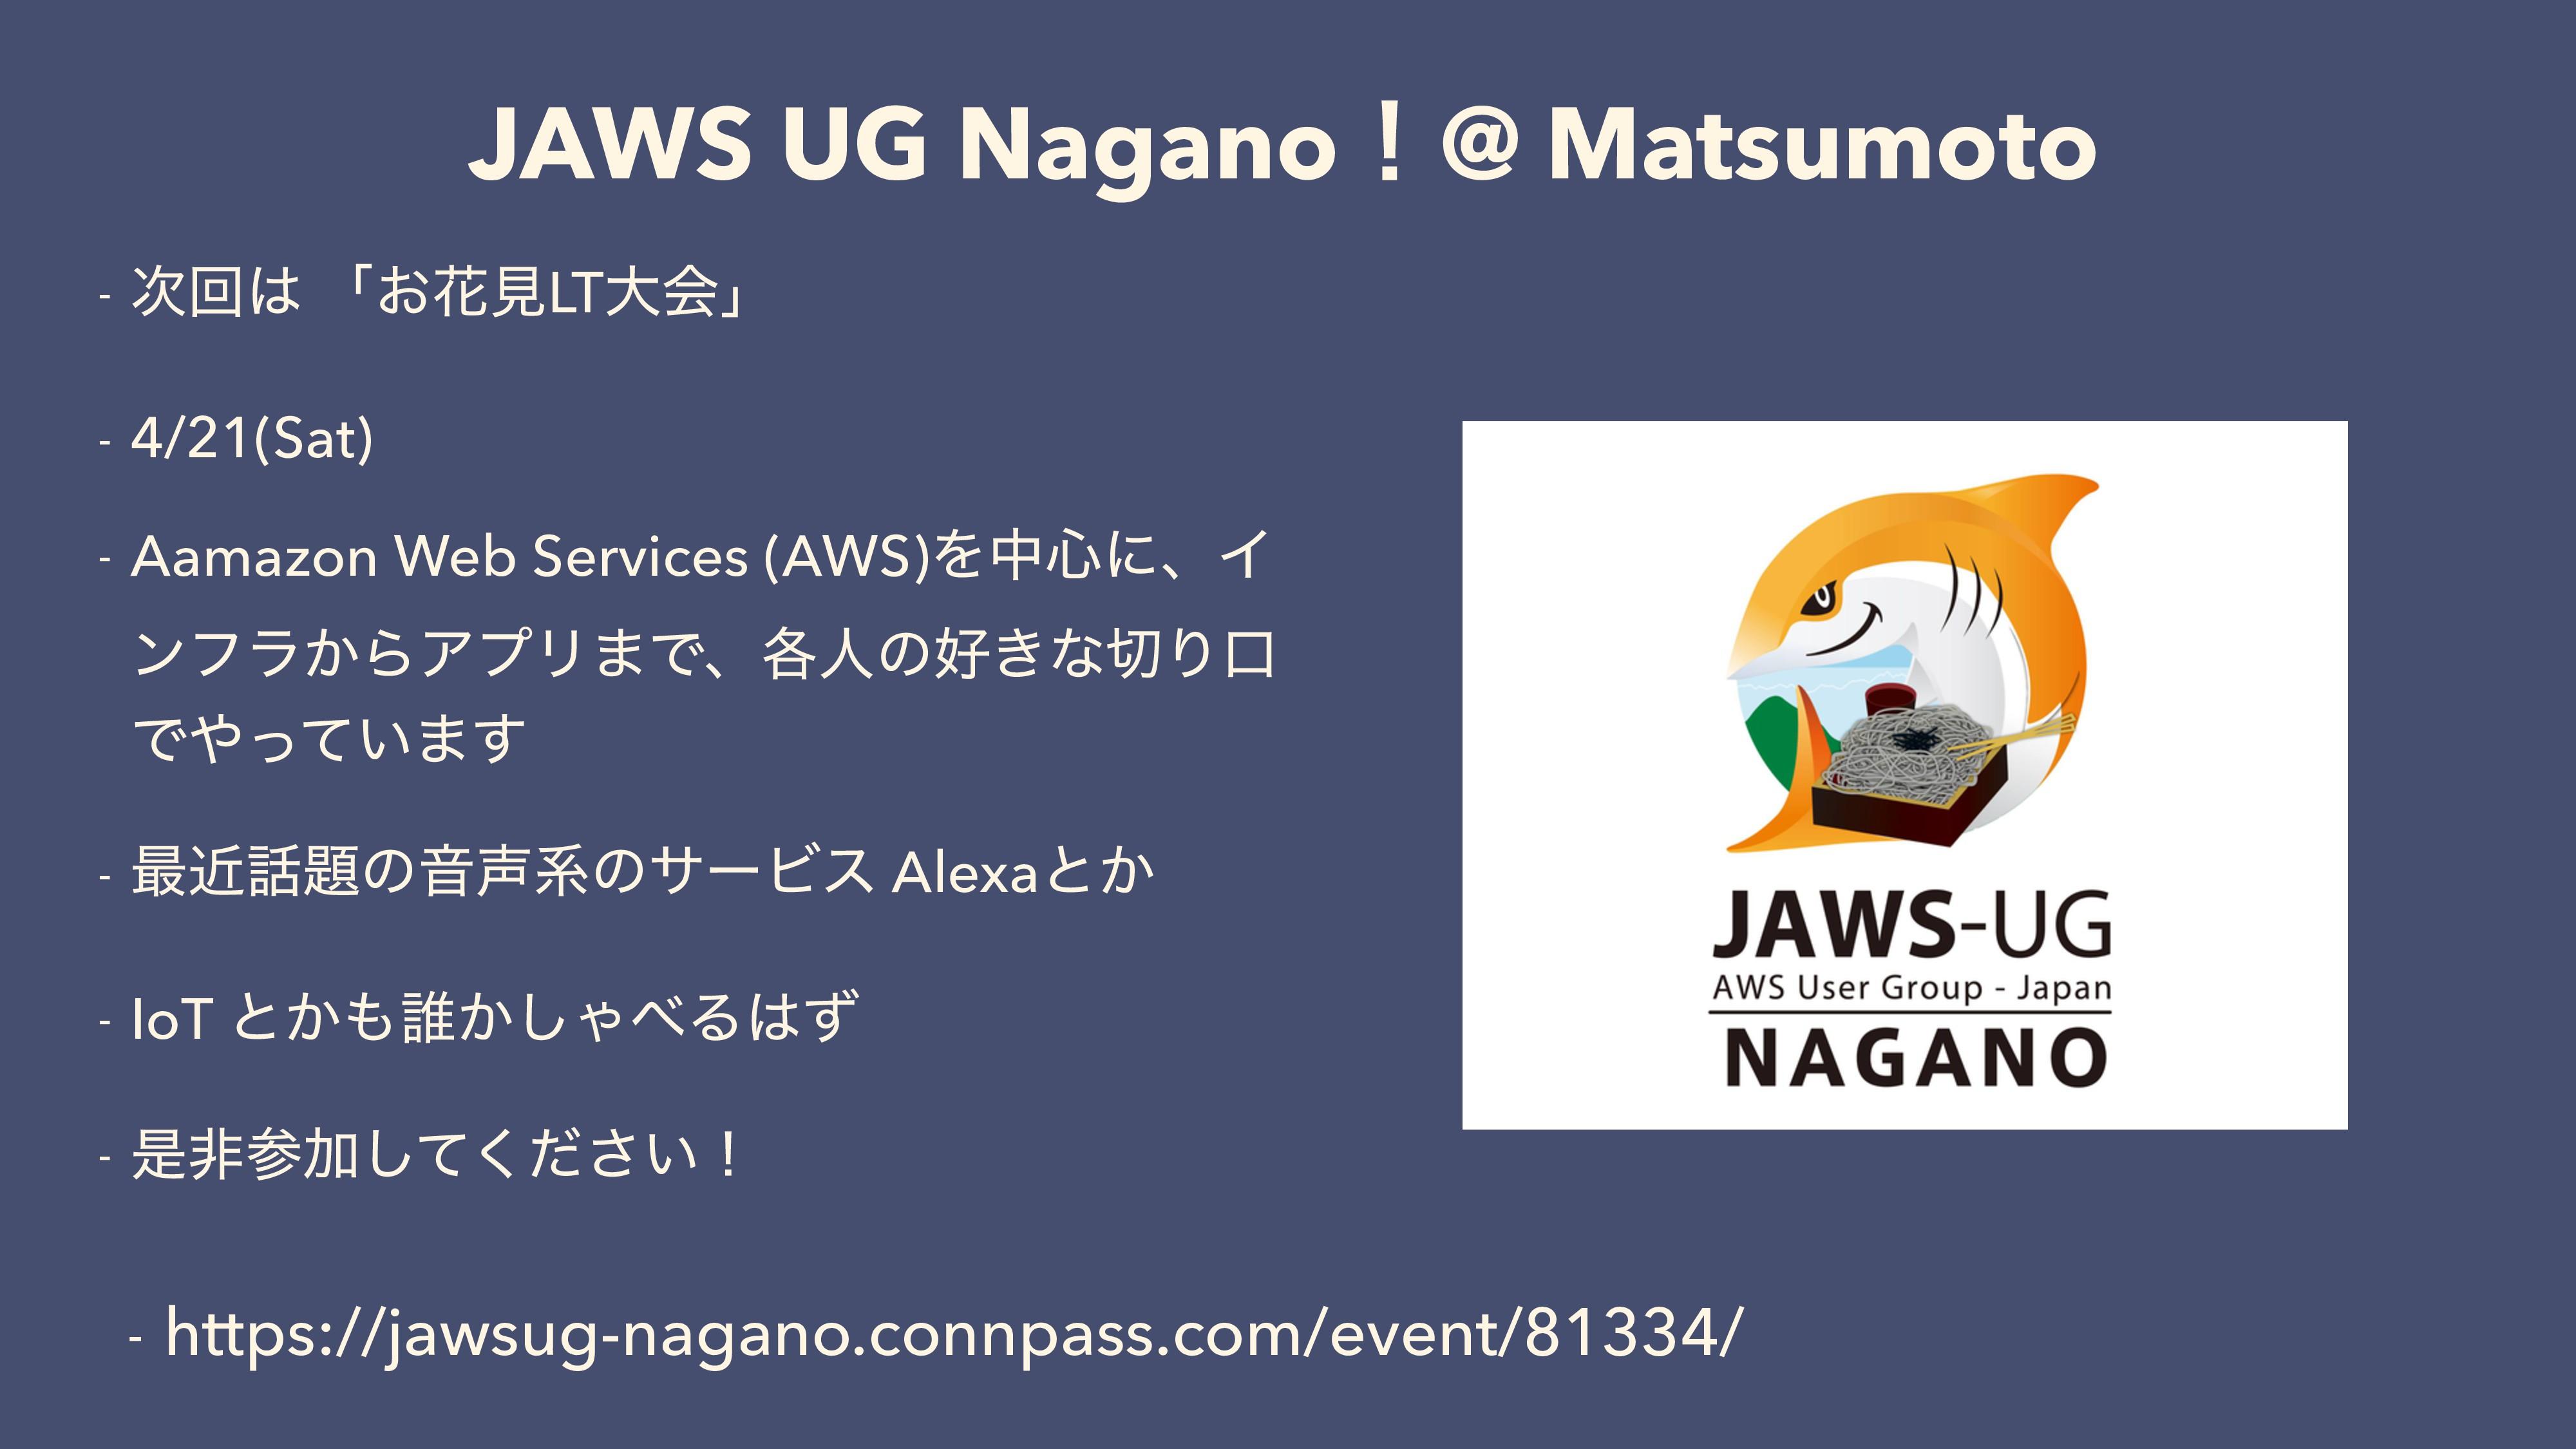 JAWS UG Naganoʂ@ Matsumoto - https://jawsug-nag...